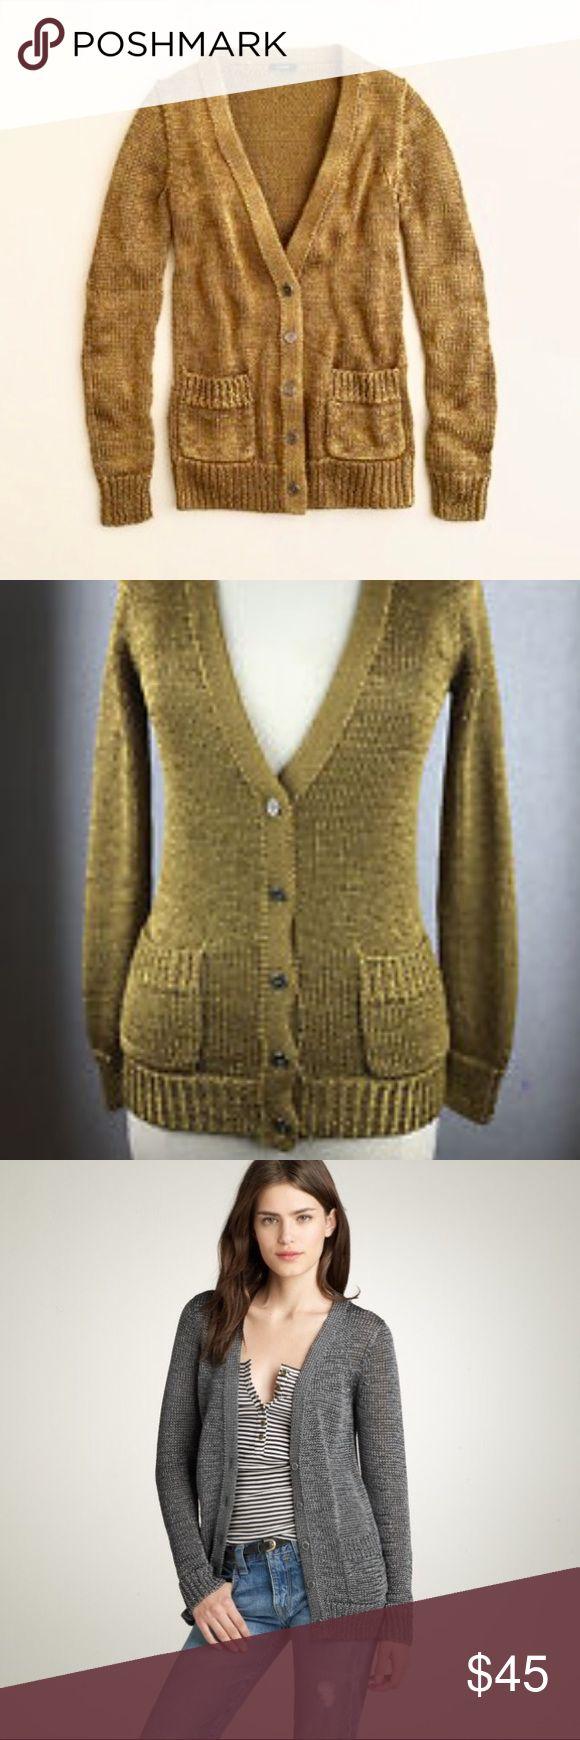 J. CREW ORALIE KNIT METALLIC GOLD CARDIGAN Heavy knit, metallic dark gold, EUC, no issues J. Crew Sweaters Cardigans